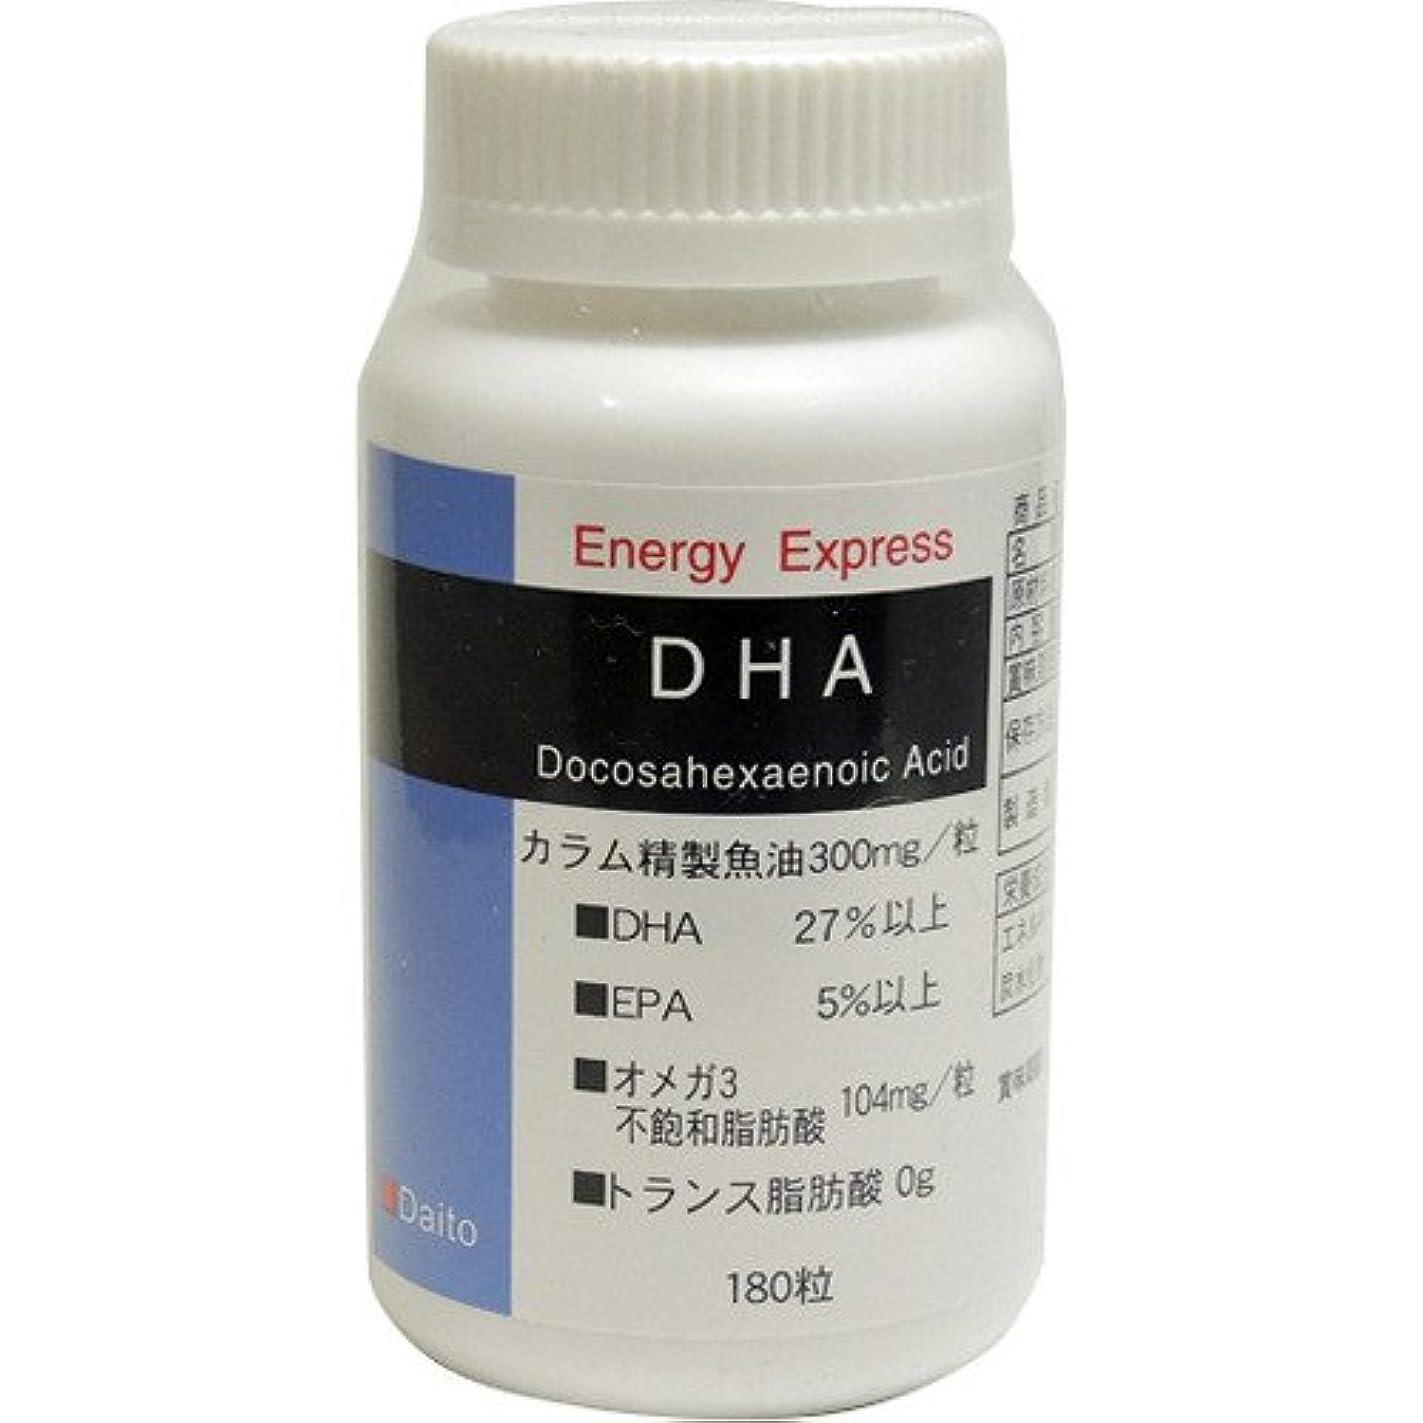 ブラウン致命的な相互接続ダイトー水産 エナジーエキスプレス DHA 445mg×180粒入り